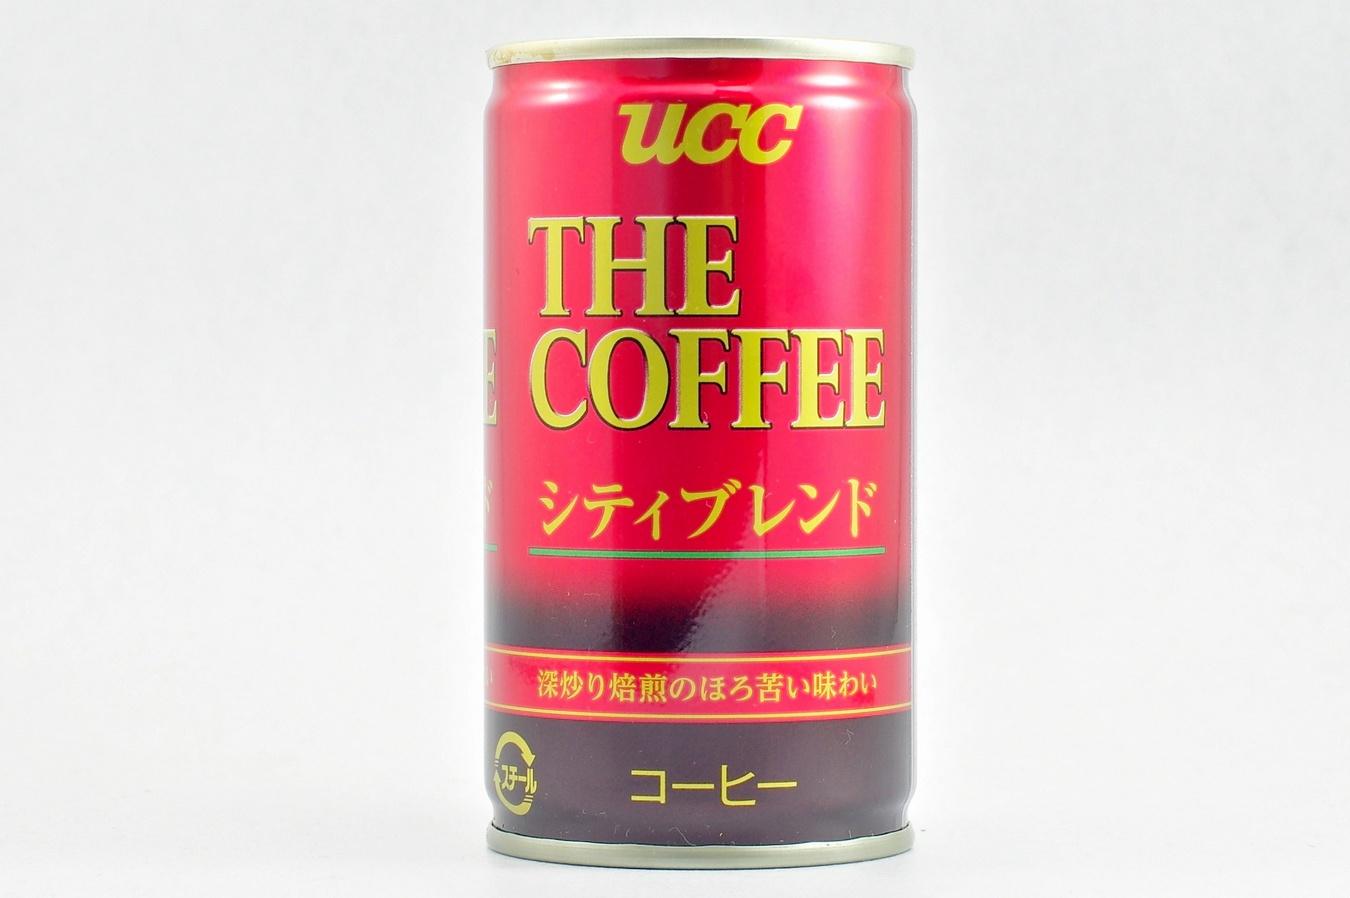 UCC THE COFFEE シティブレンド